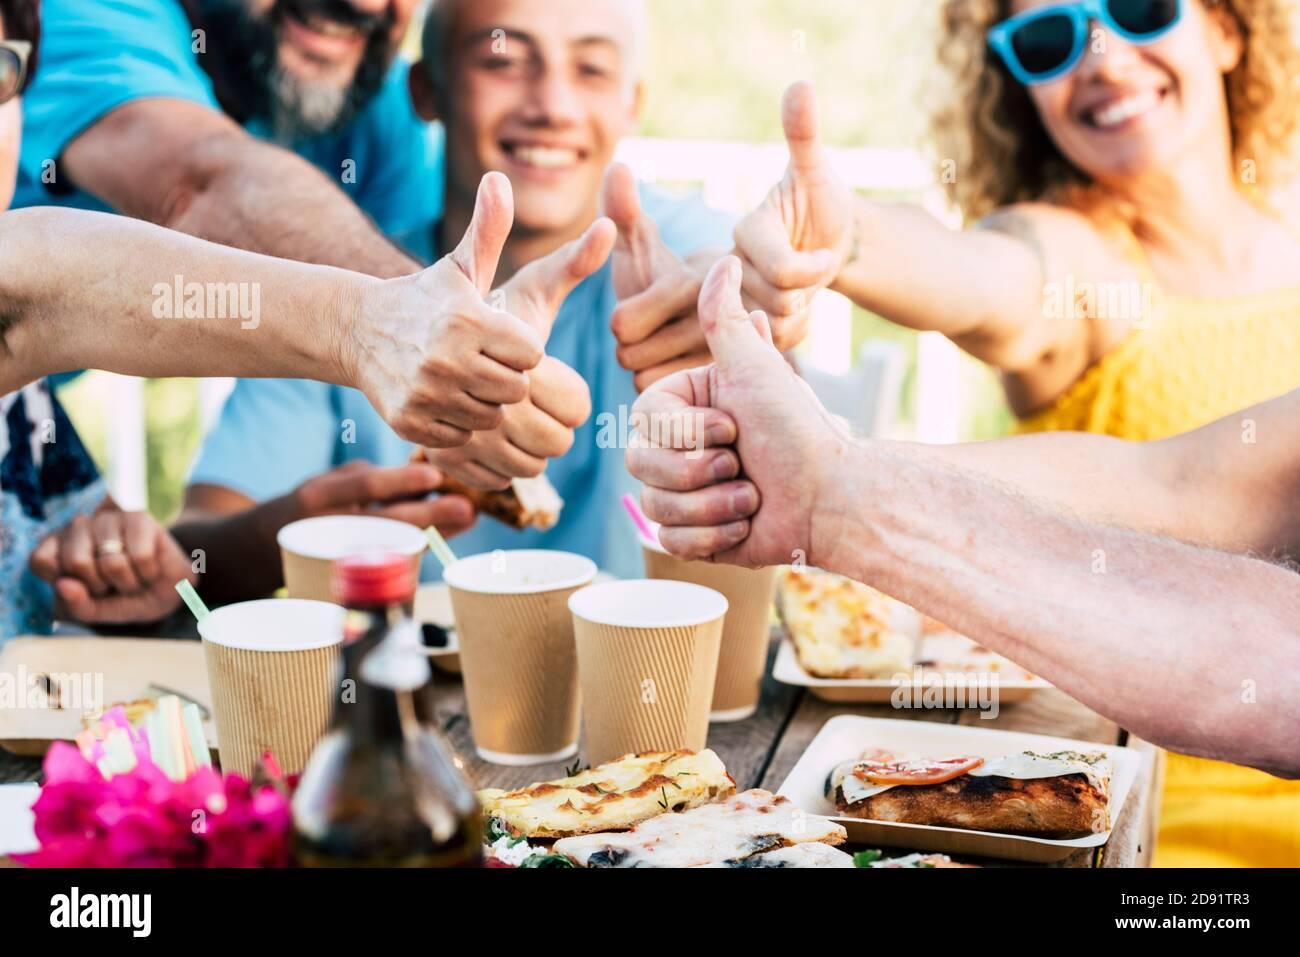 Groupe famille caucasiens les gens célèbrent ensemble avec plaisir et de profiter de la nourriture et des boissons -. Fête d'anniversaire gros plan avec des pouces et rires dans le dos Banque D'Images